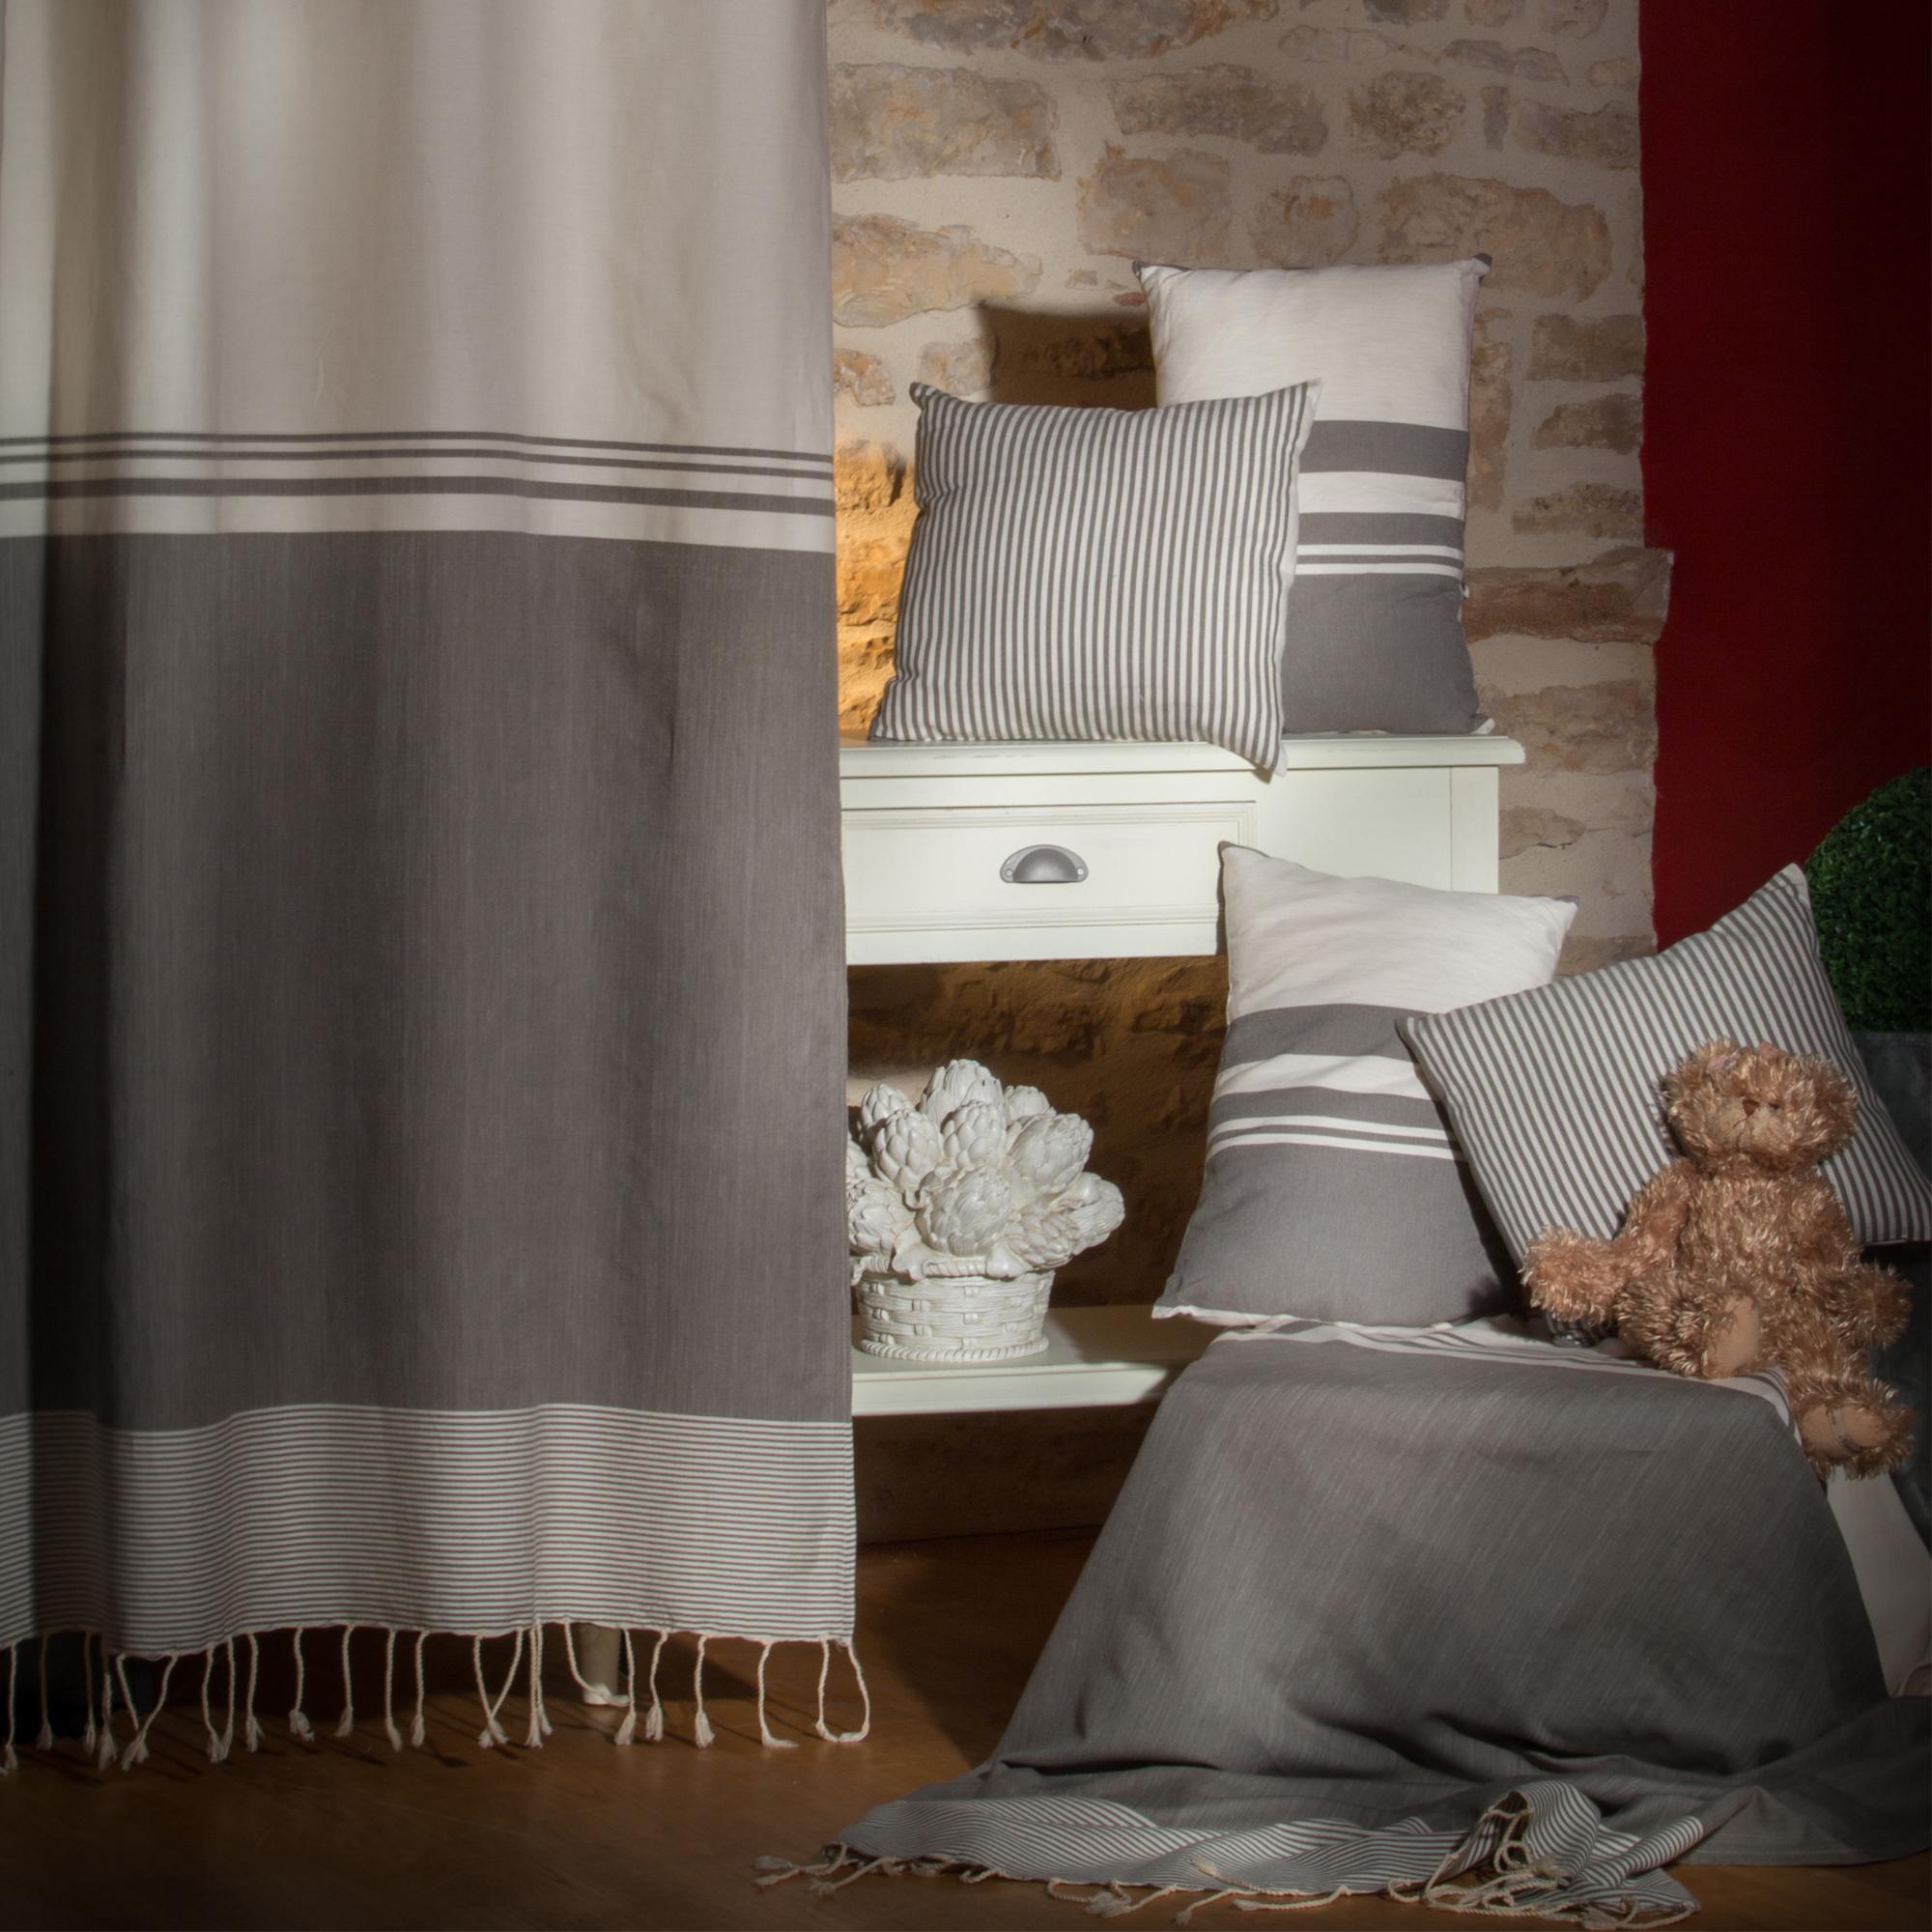 TANGER - Rideau ajustable coton rayures écru et taupe 140 x 290 à 320